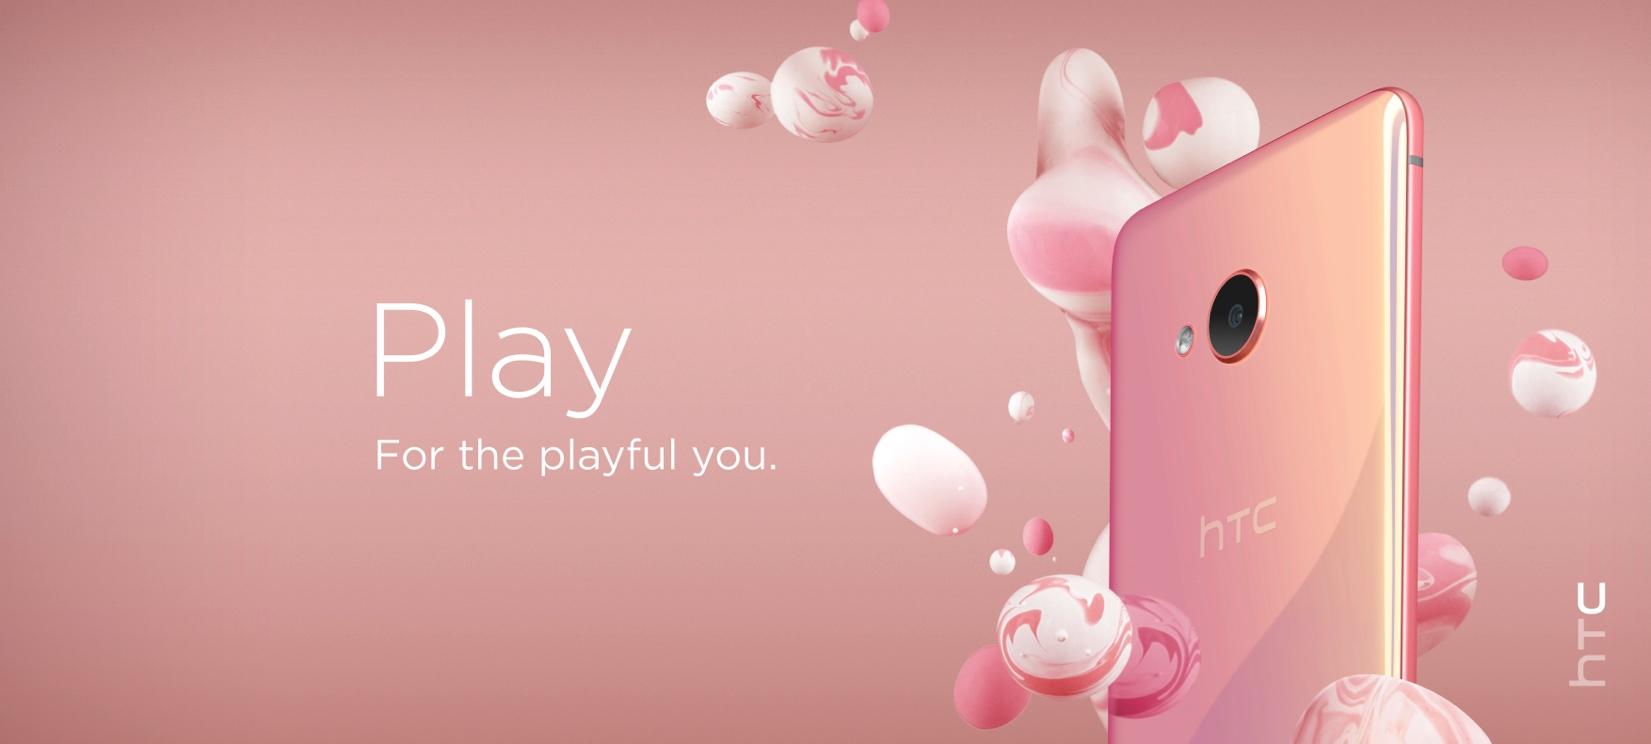 HTC Play Tout comme liPhone 7, les prochains HTC U nauront pas de prise Jack